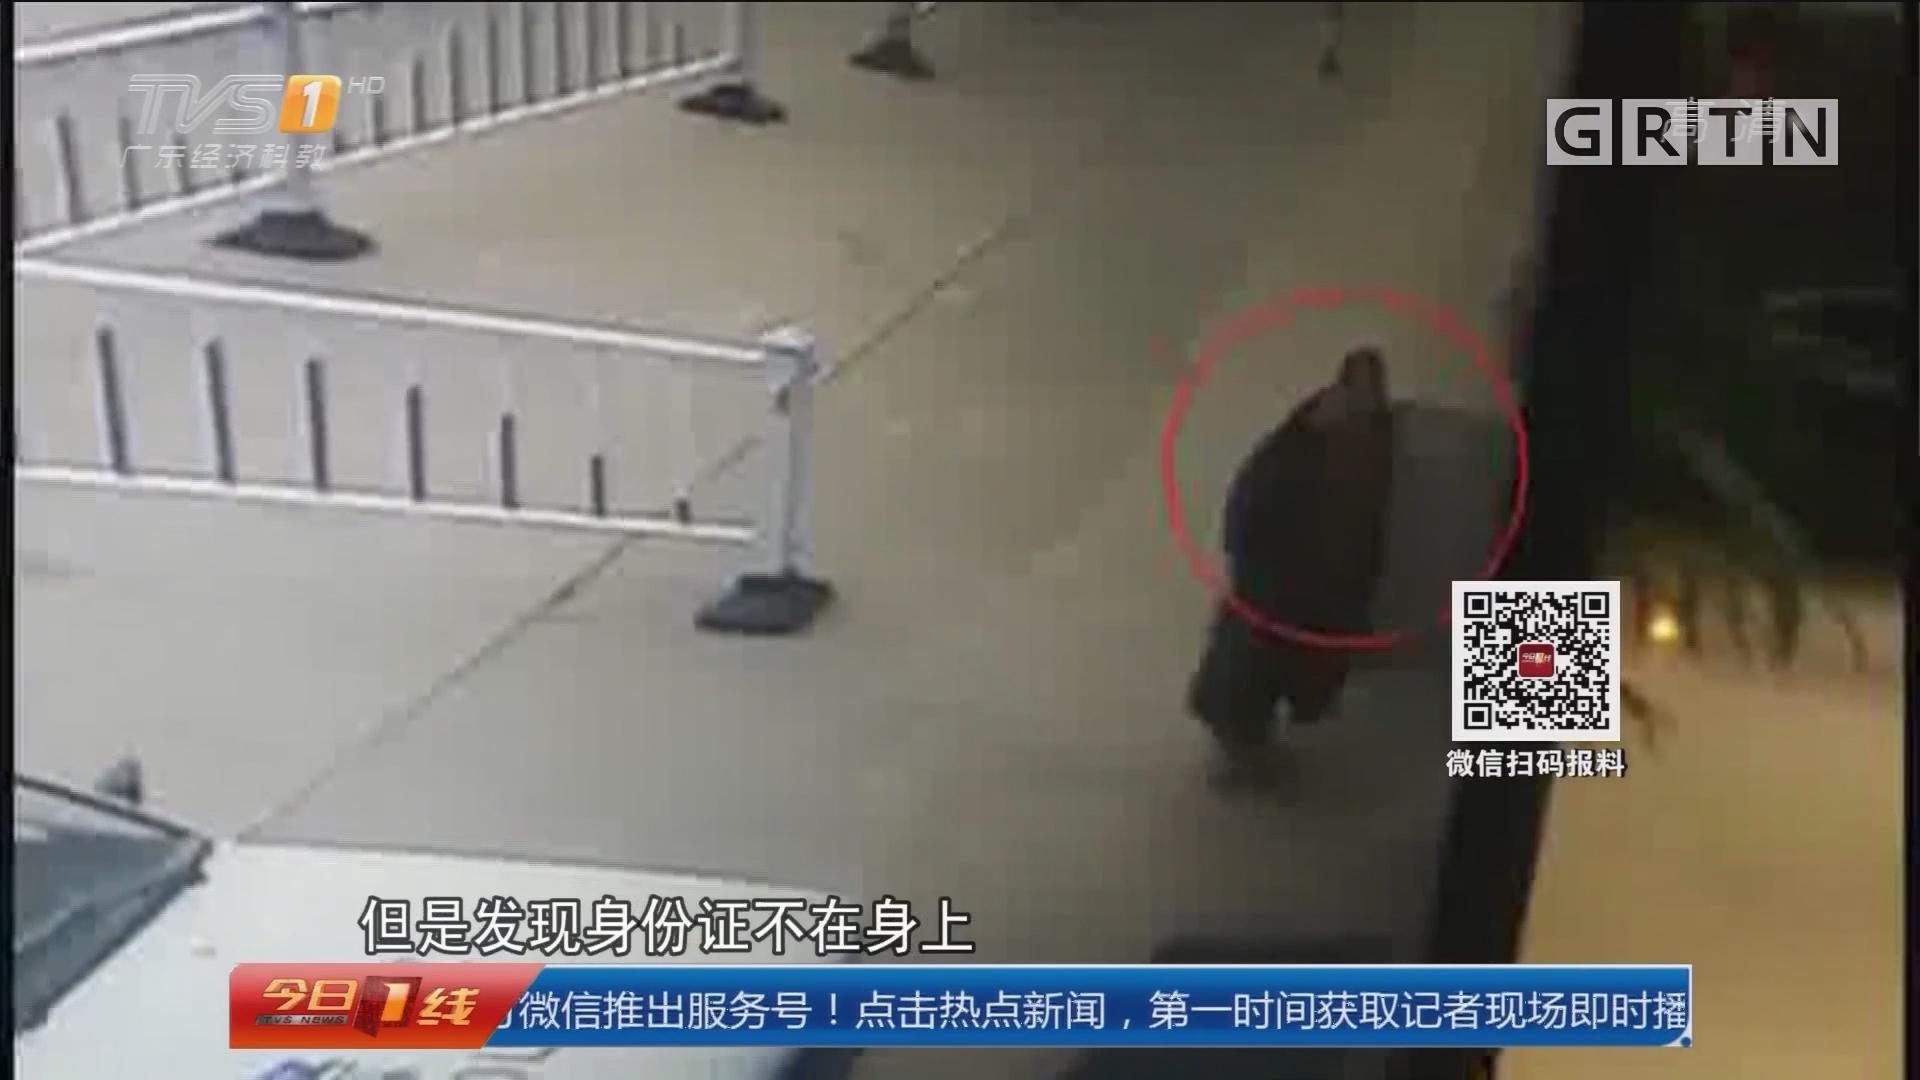 江苏徐州:盗窃逃跑手舞足蹈 自己走进派出所